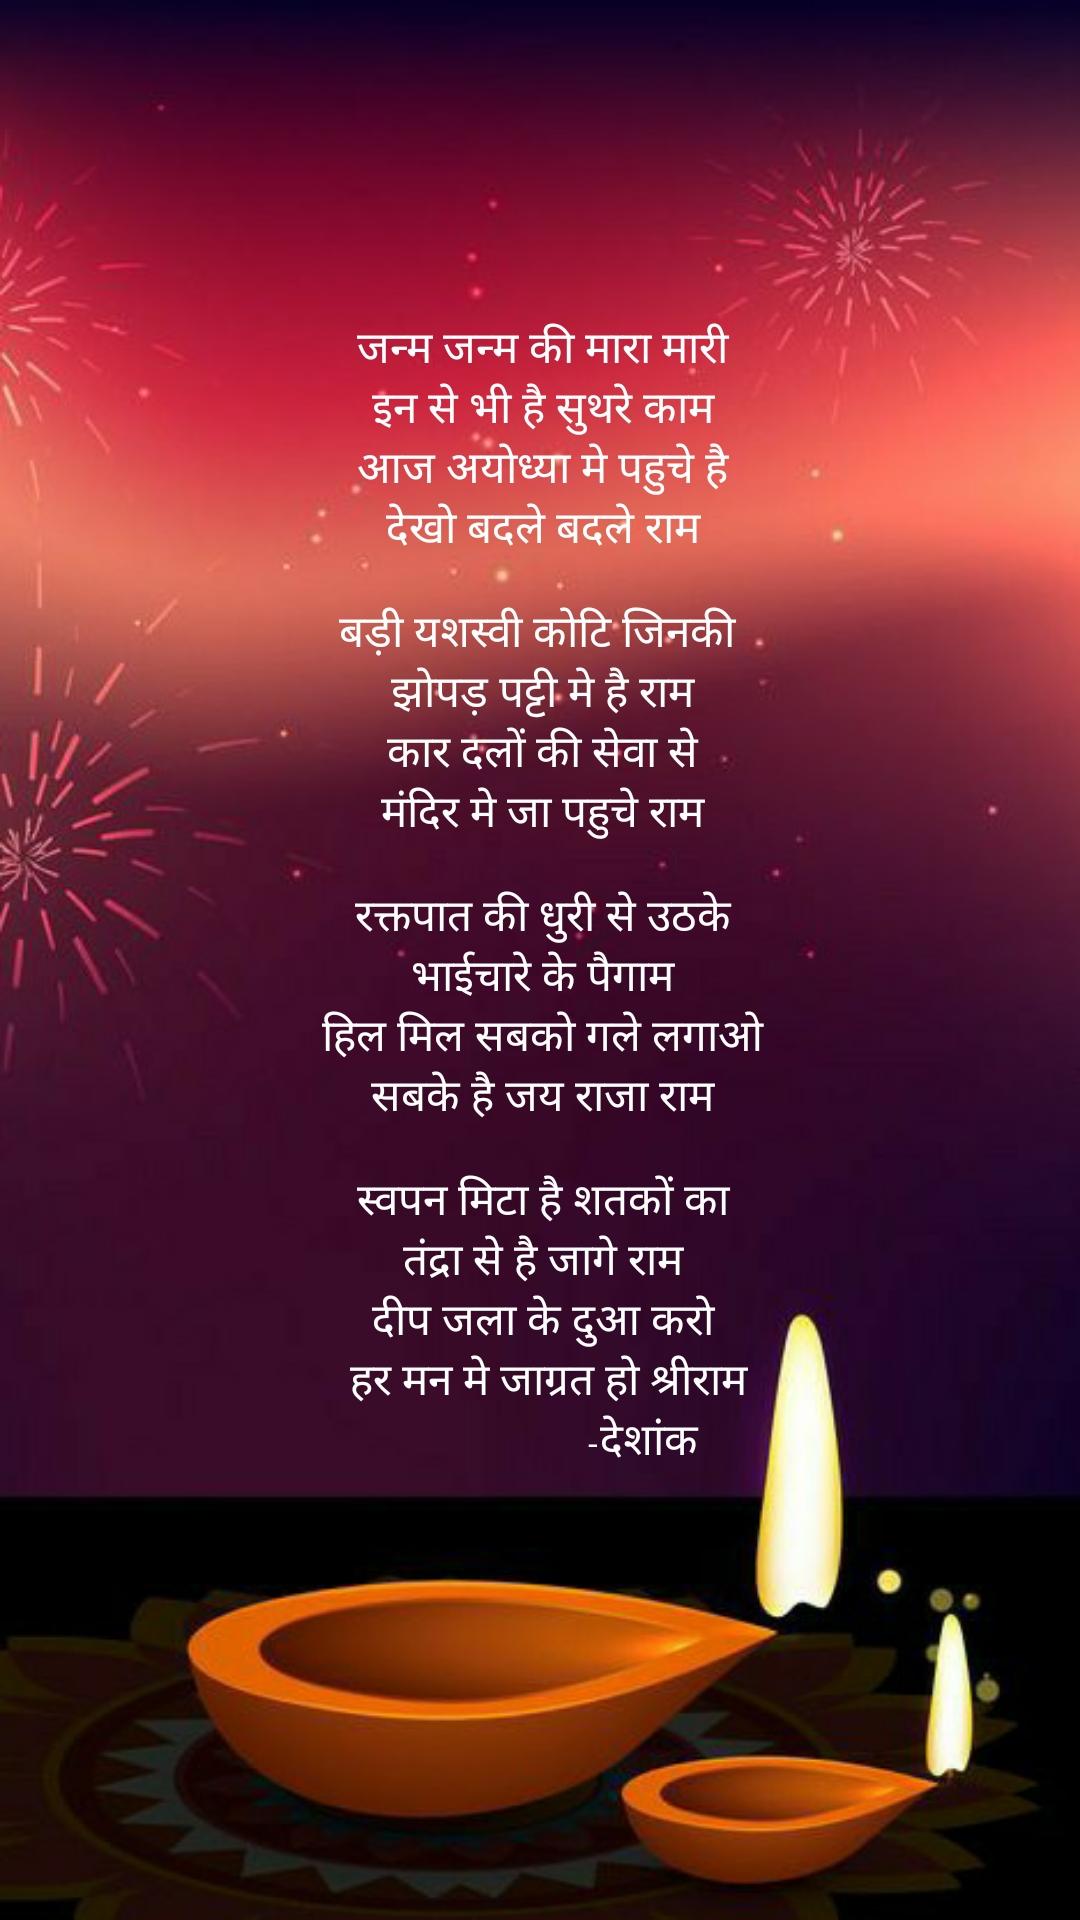 जन्म जन्म की मारा मारी  इन से भी है सुथरे काम  आज अयोध्या मे पहुचे है  देखो बदले बदले राम   बड़ी यशस्वी कोटि जिनकी   झोपड़ पट्टी मे है राम  कार दलों की सेवा से  मंदिर मे जा पहुचे राम   रक्तपात की धुरी से उठके  भाईचारे के पैगाम  हिल मिल सबको गले लगाओ  सबके है जय राजा राम   स्वपन मिटा है शतकों का  तंद्रा से है जागे राम  दीप जला के दुआ करो  हर मन मे जाग्रत हो श्रीराम                  -देशांक